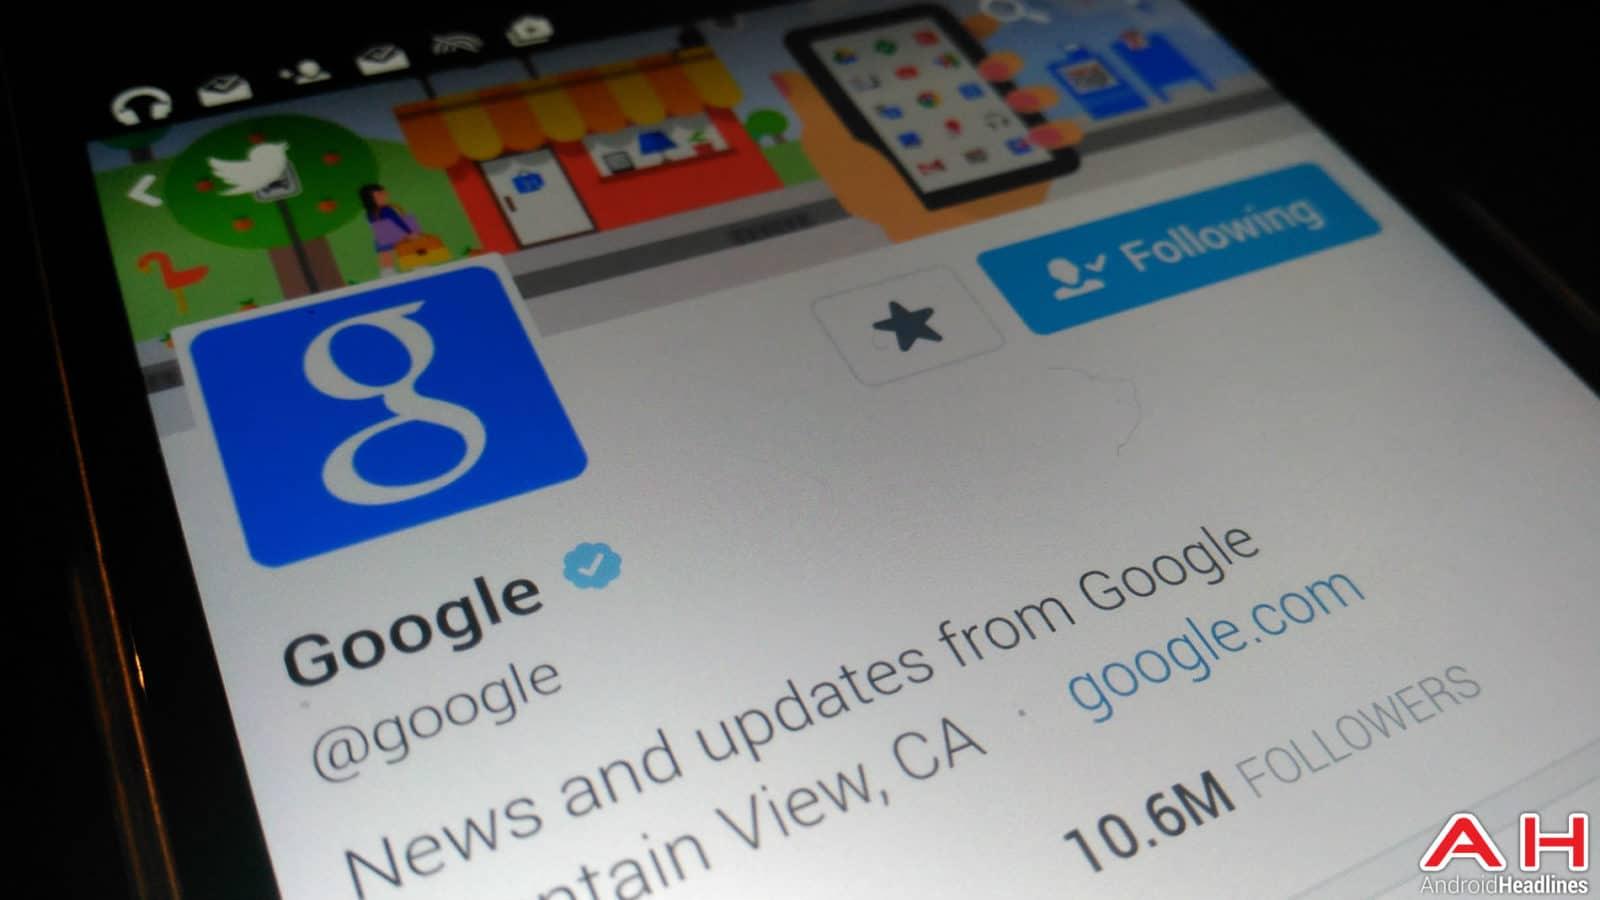 Google Twitter AH